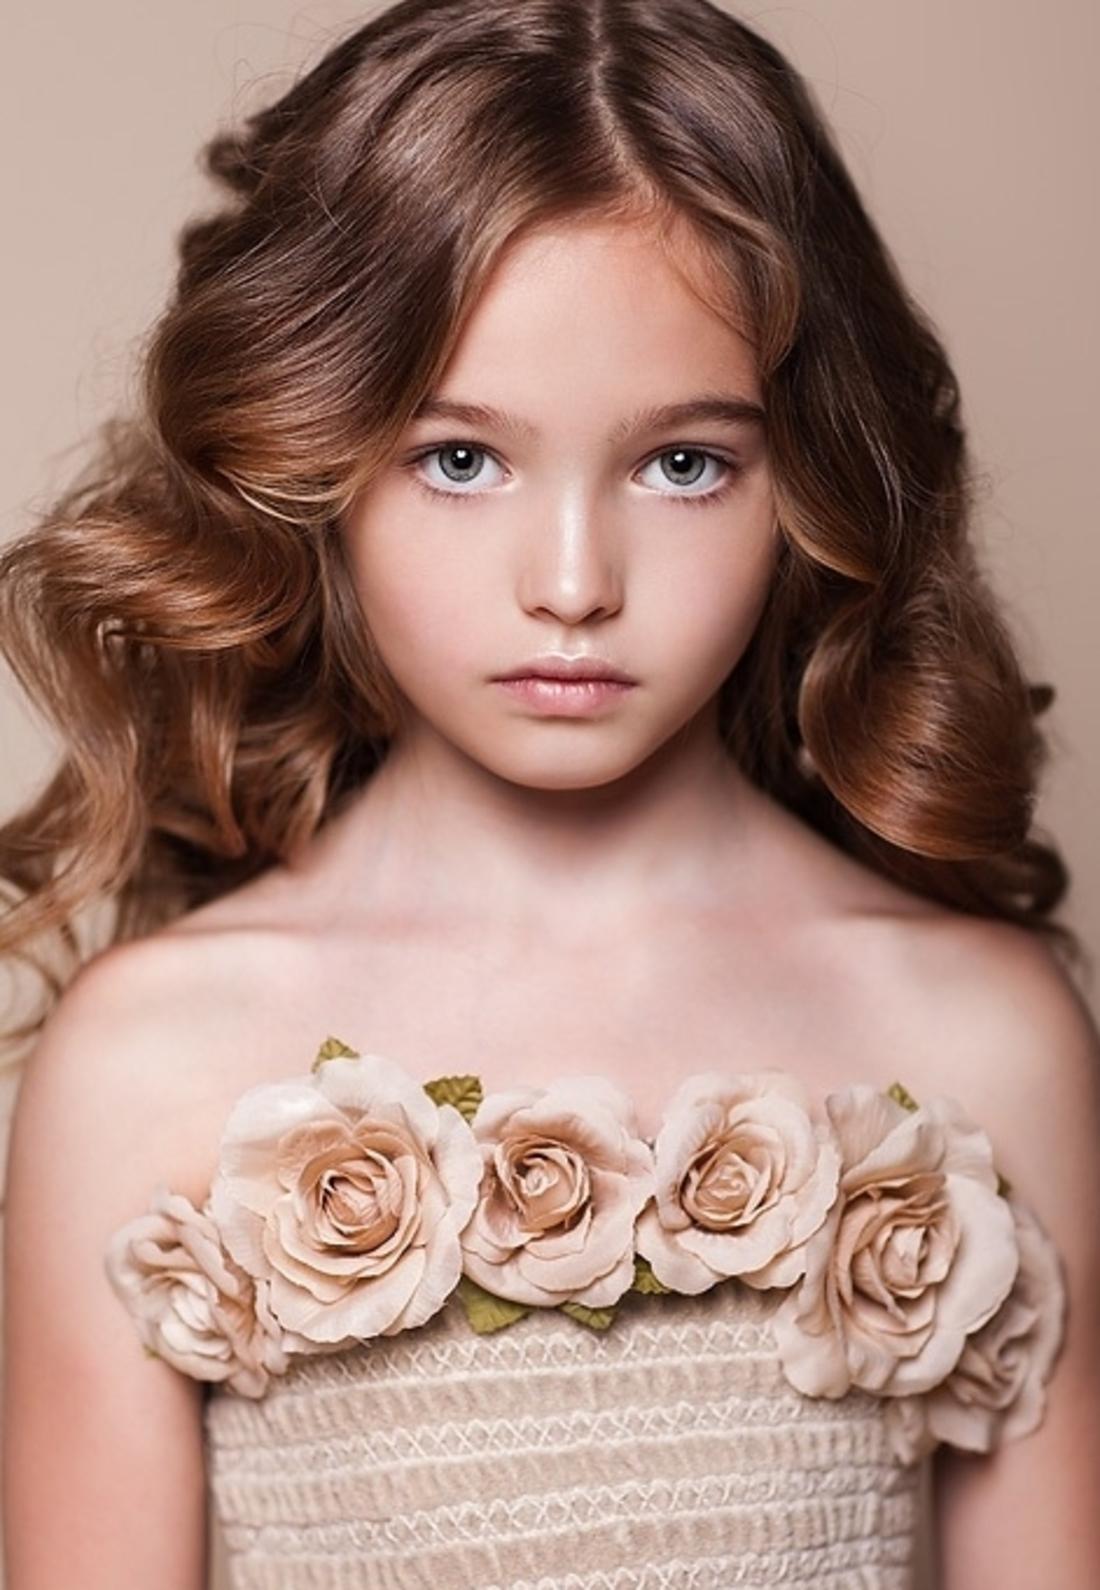 Фотографии самых красивых девочек 21 фотография